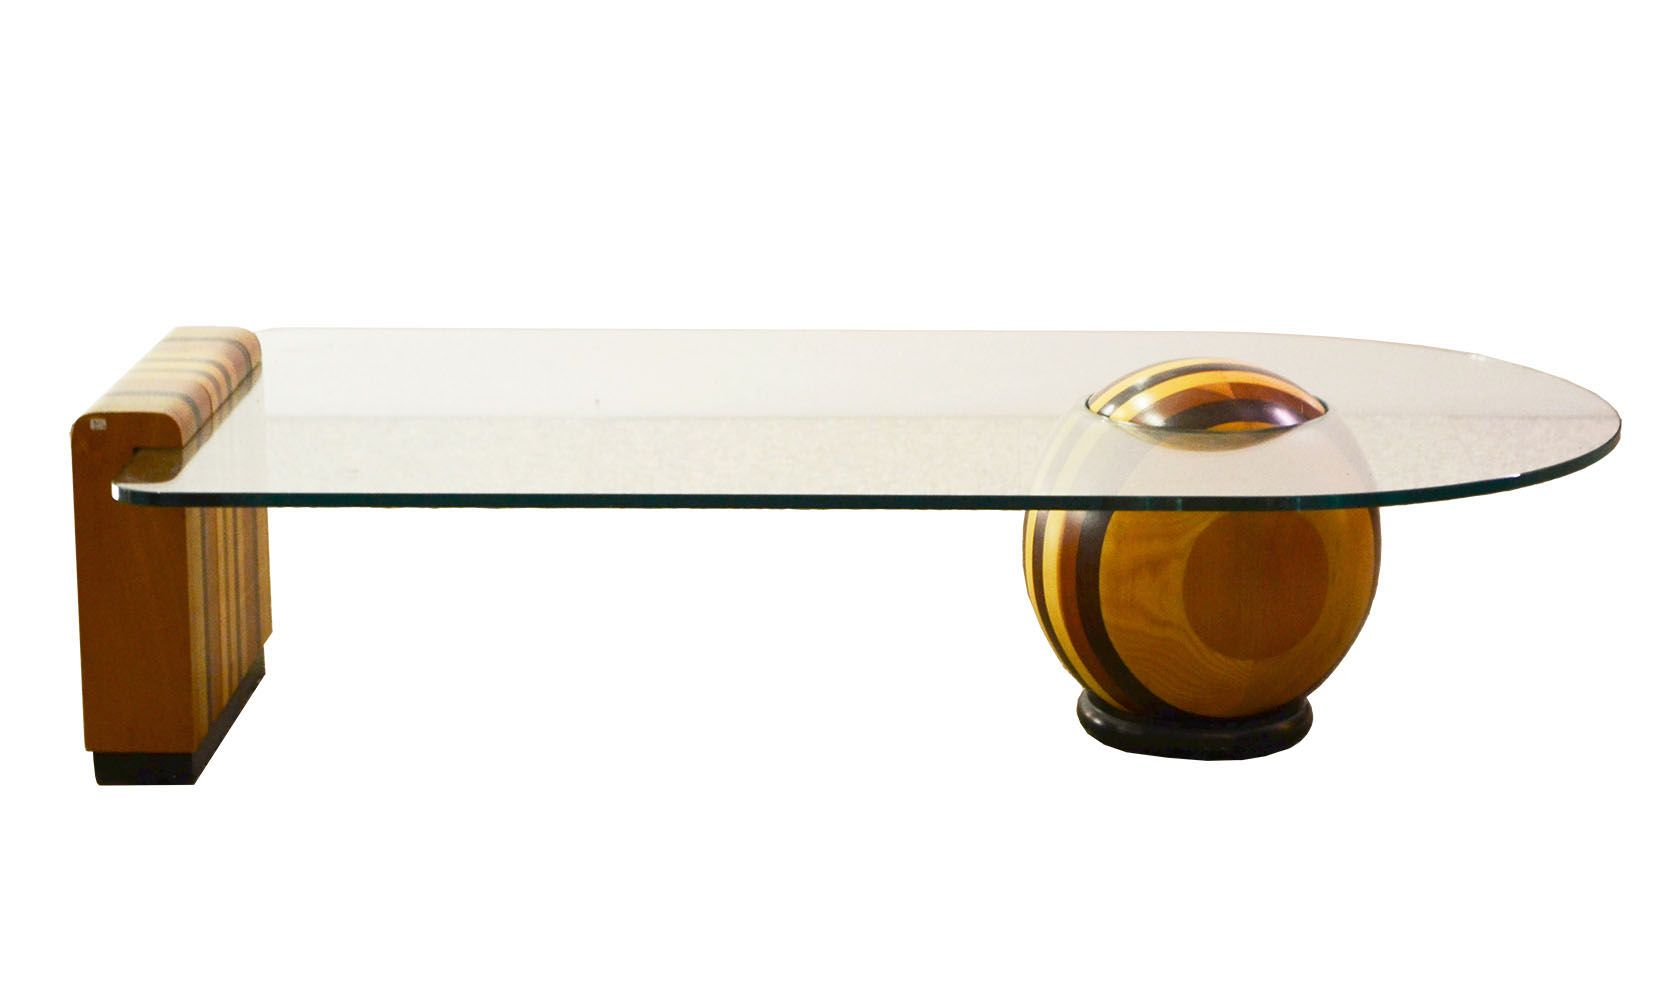 italienischer couchtisch aus holz kristall mit kugel. Black Bedroom Furniture Sets. Home Design Ideas